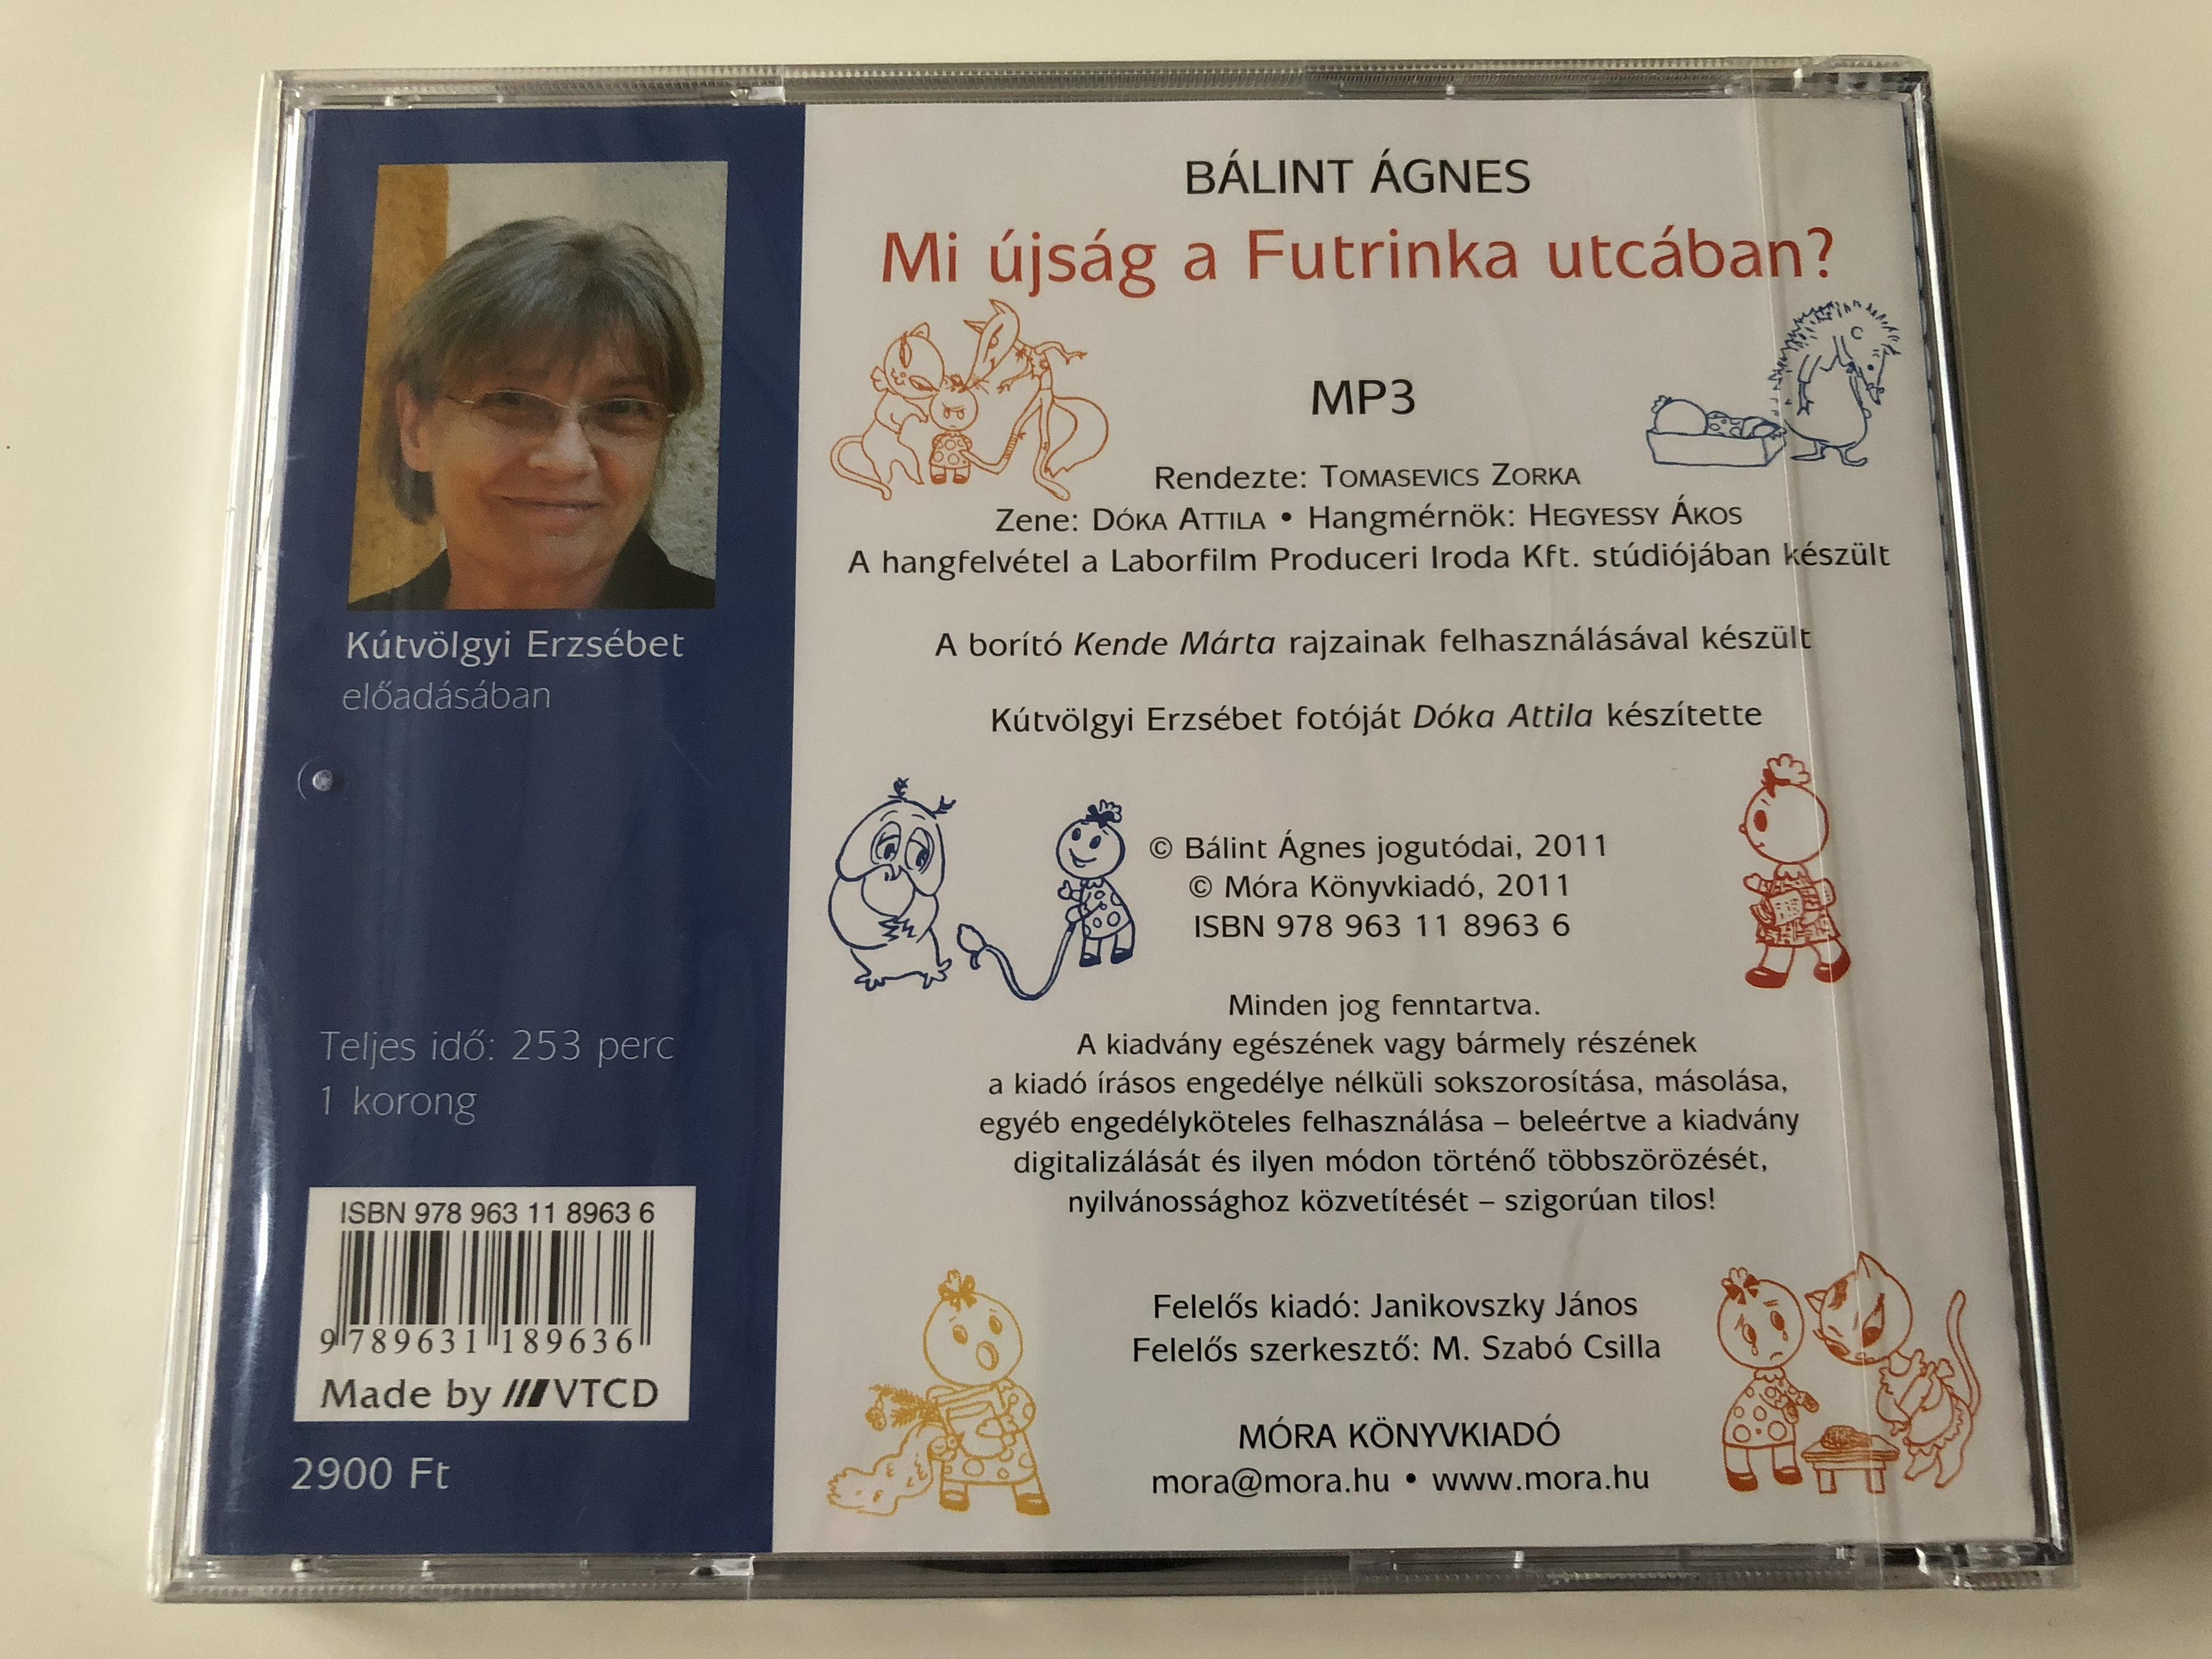 mi-js-g-a-futrinka-utc-ban-by-b-lint-gnes-hungarian-language-mp3-audio-book-read-by-k-tv-lgyi-erzs-bet-m-ra-hangosk-nyv-3-.jpg